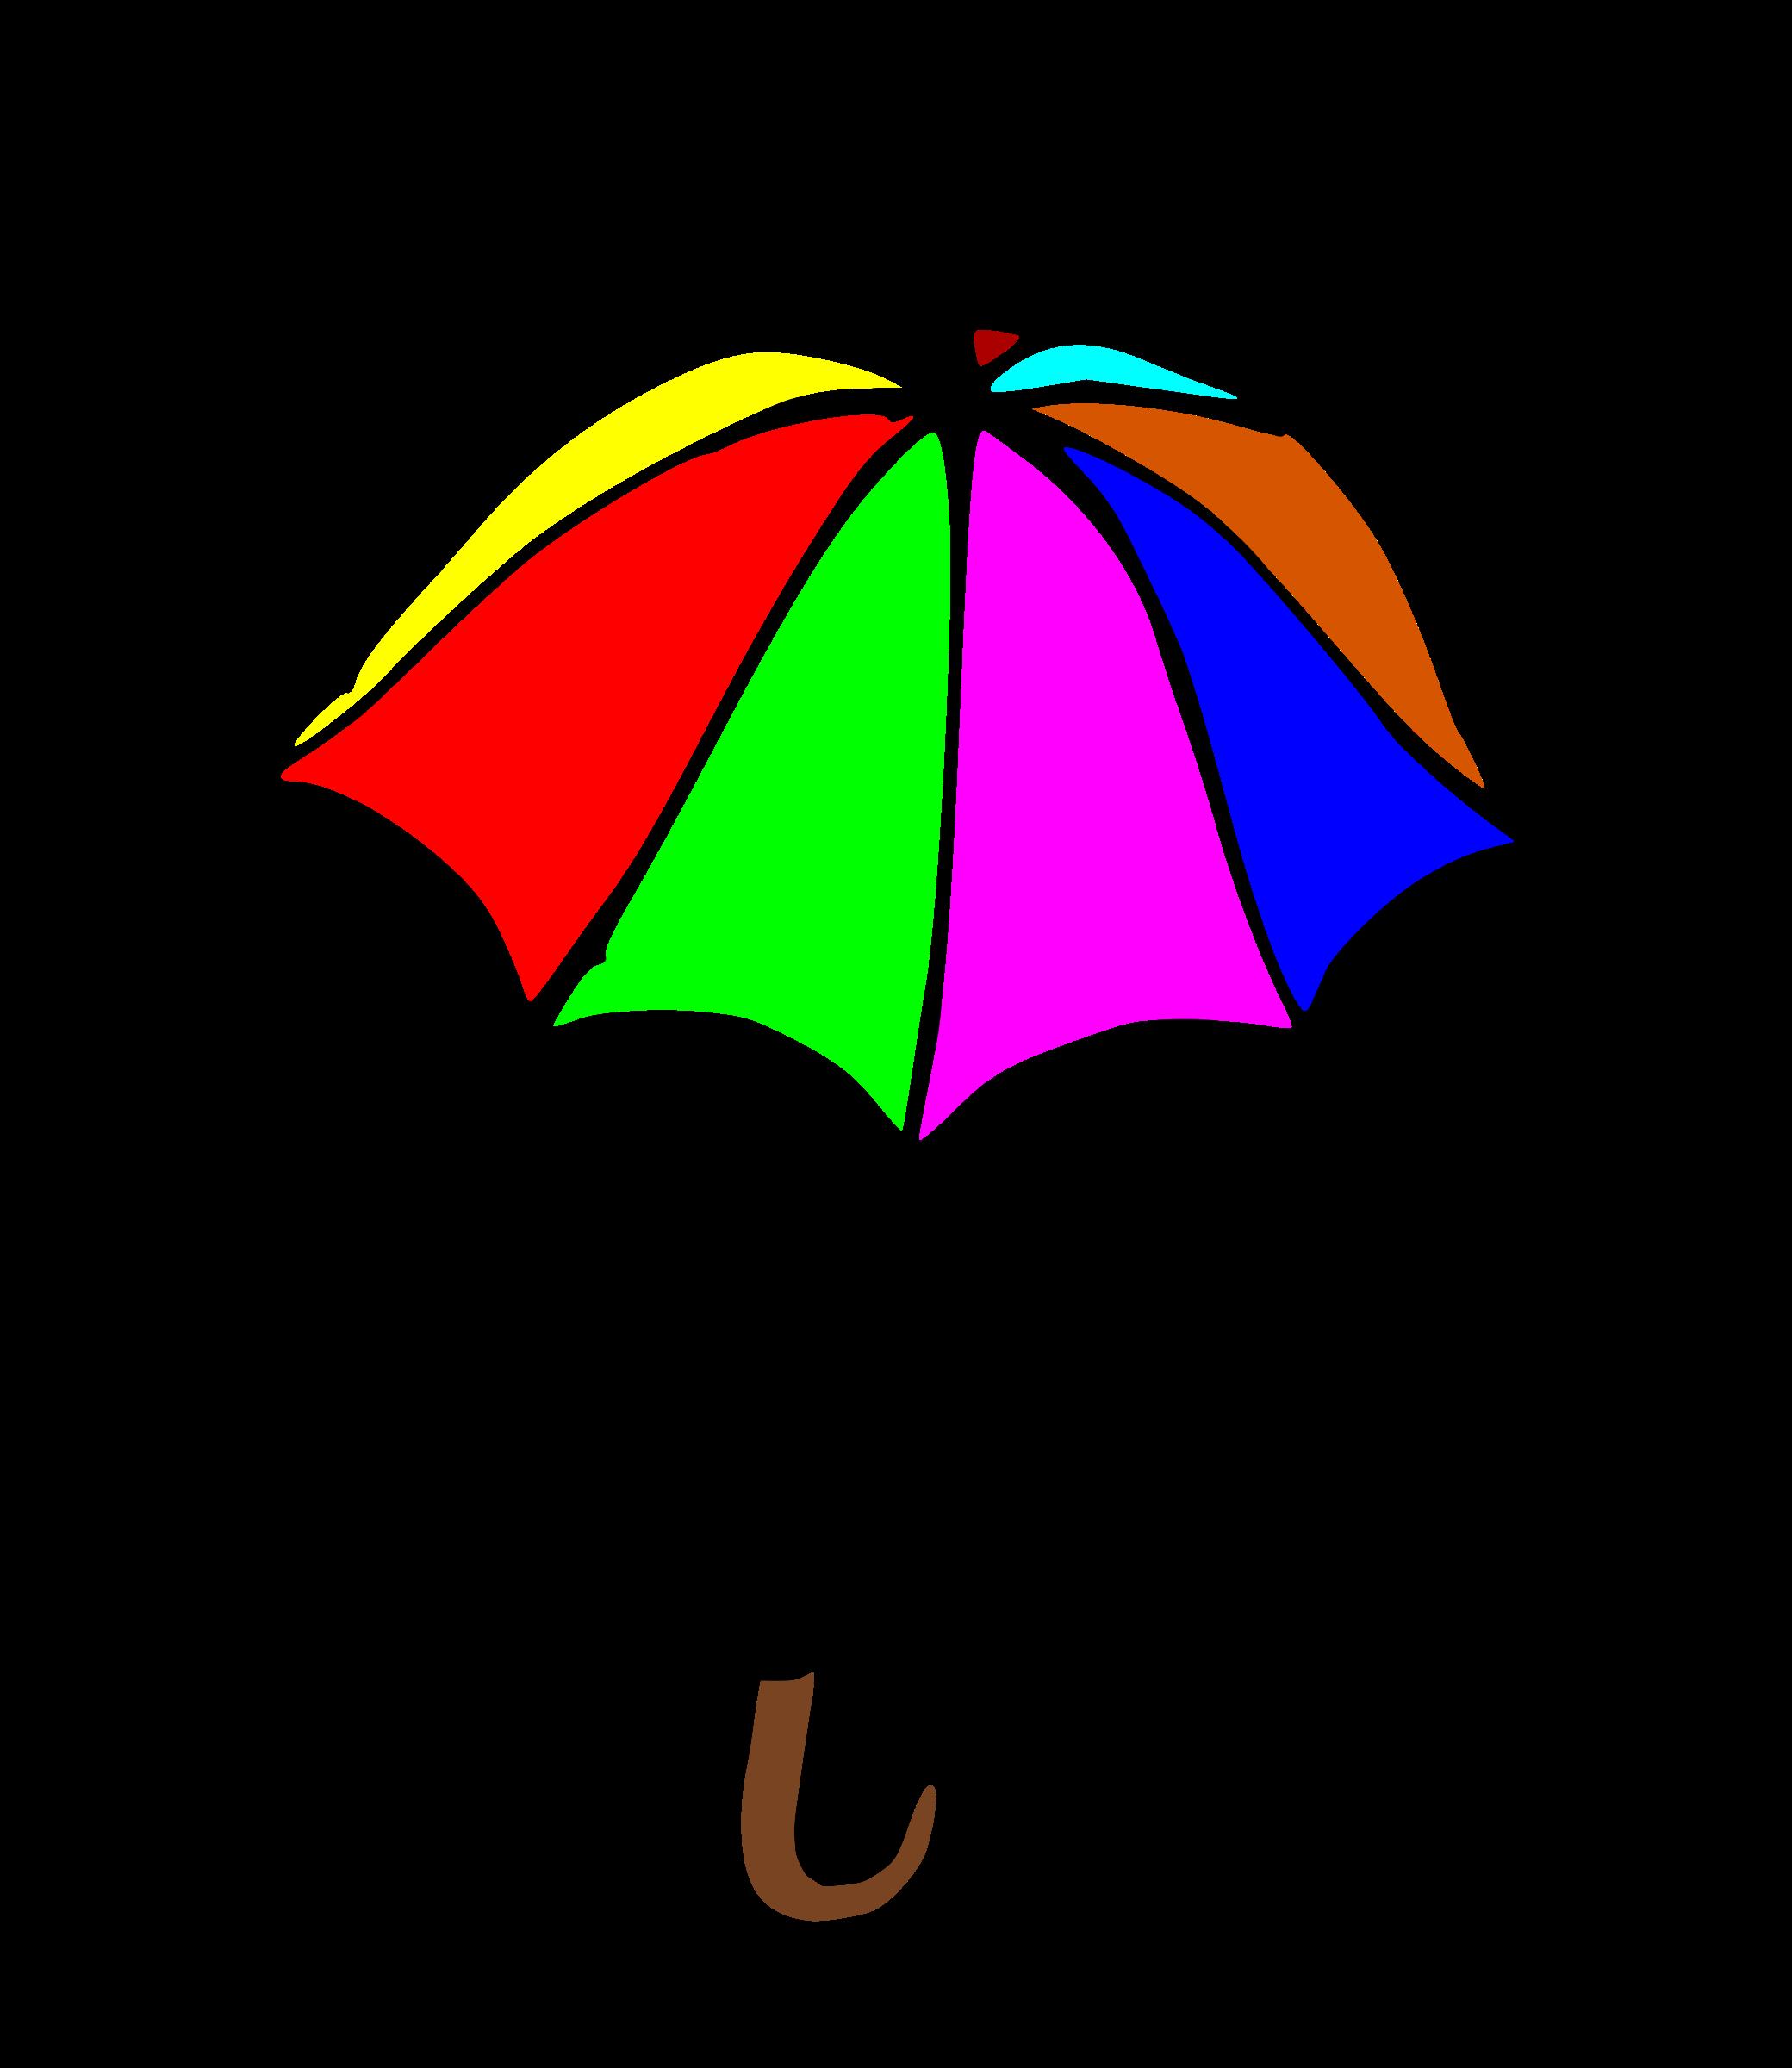 . Clipart umbrella many umbrella